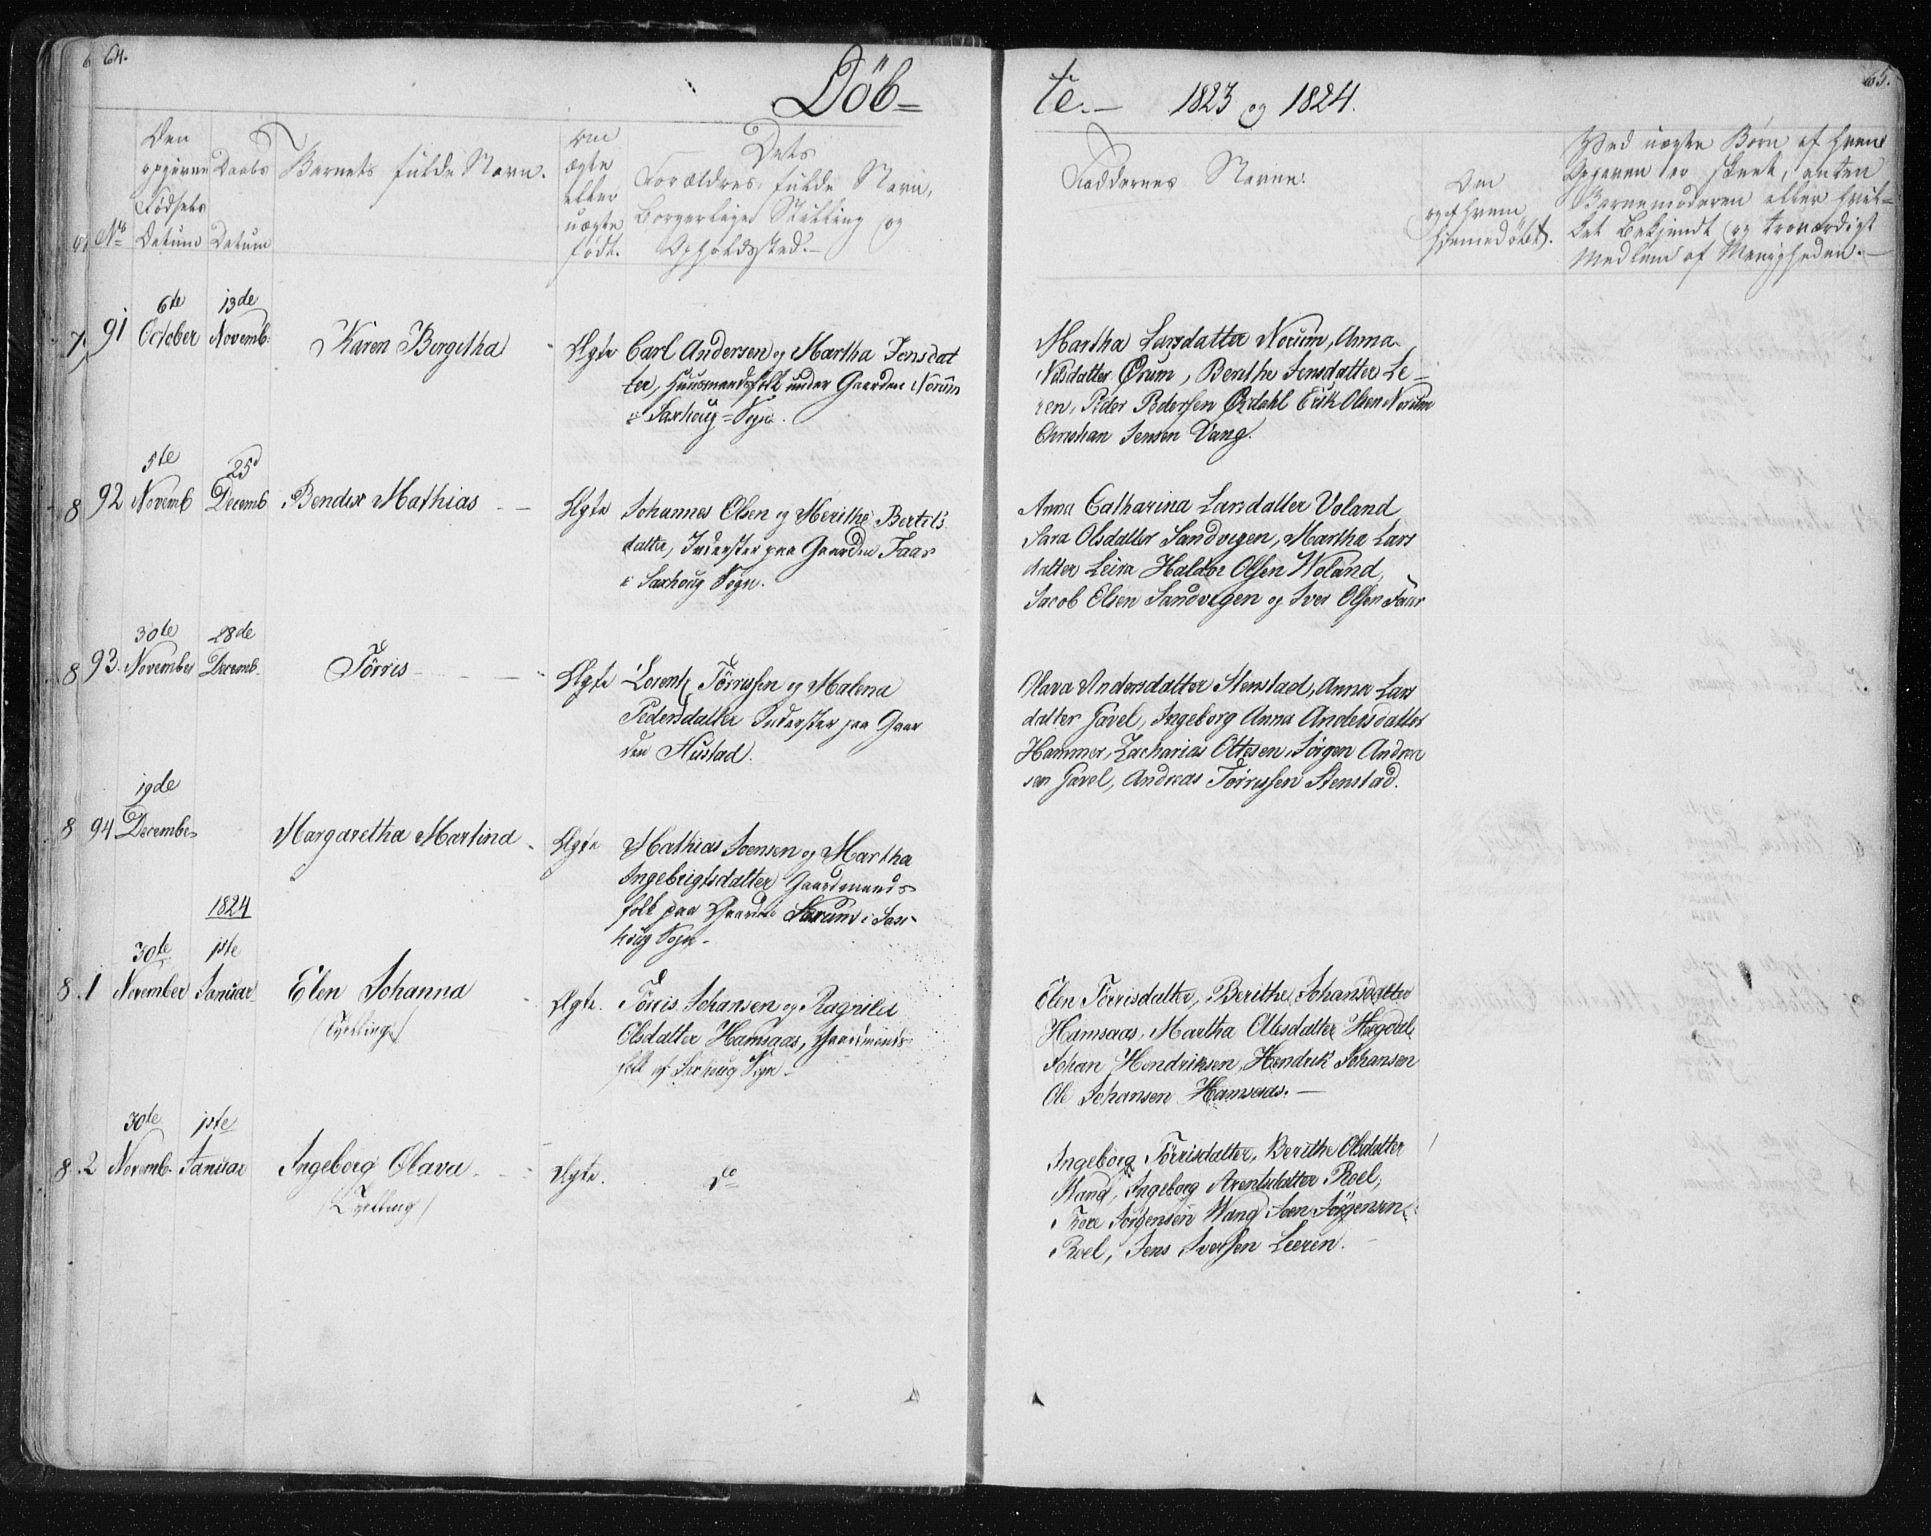 SAT, Ministerialprotokoller, klokkerbøker og fødselsregistre - Nord-Trøndelag, 730/L0276: Ministerialbok nr. 730A05, 1822-1830, s. 64-65